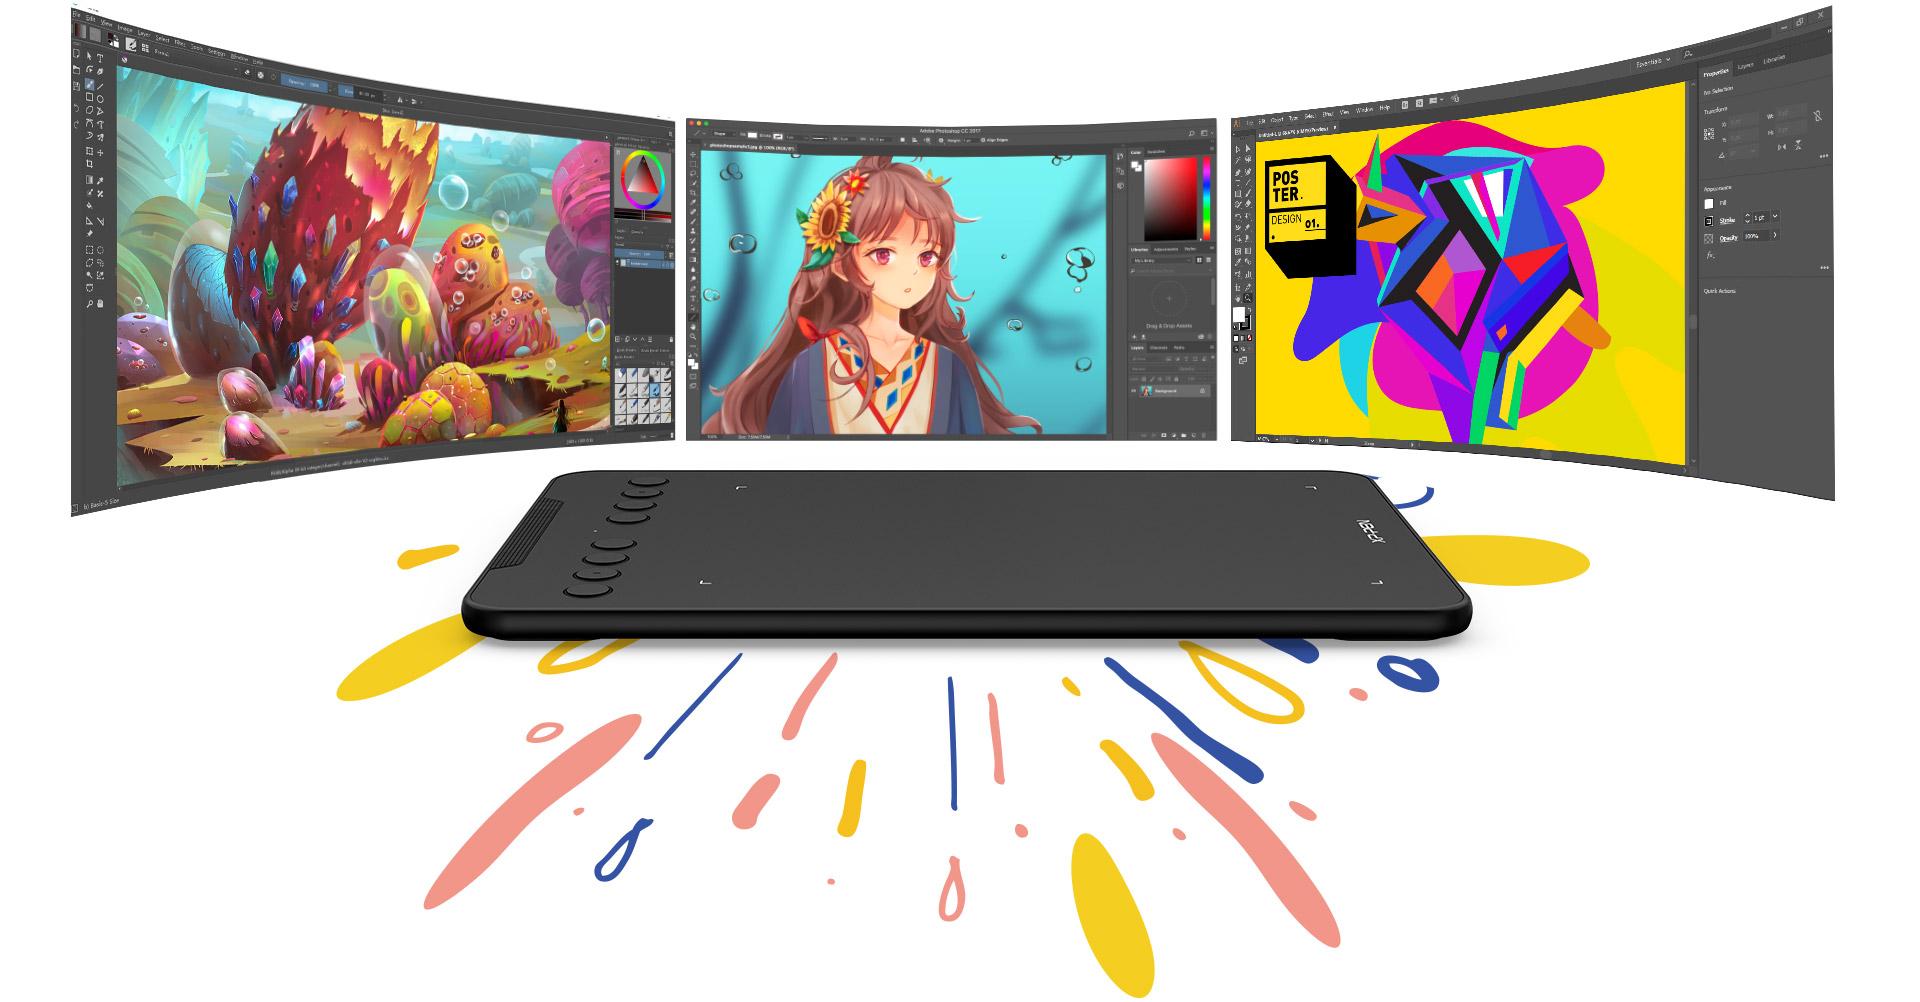 tableta digital XP-Pen Deco mini7 compatible con Windows , MAc OS y software de arte digital popular